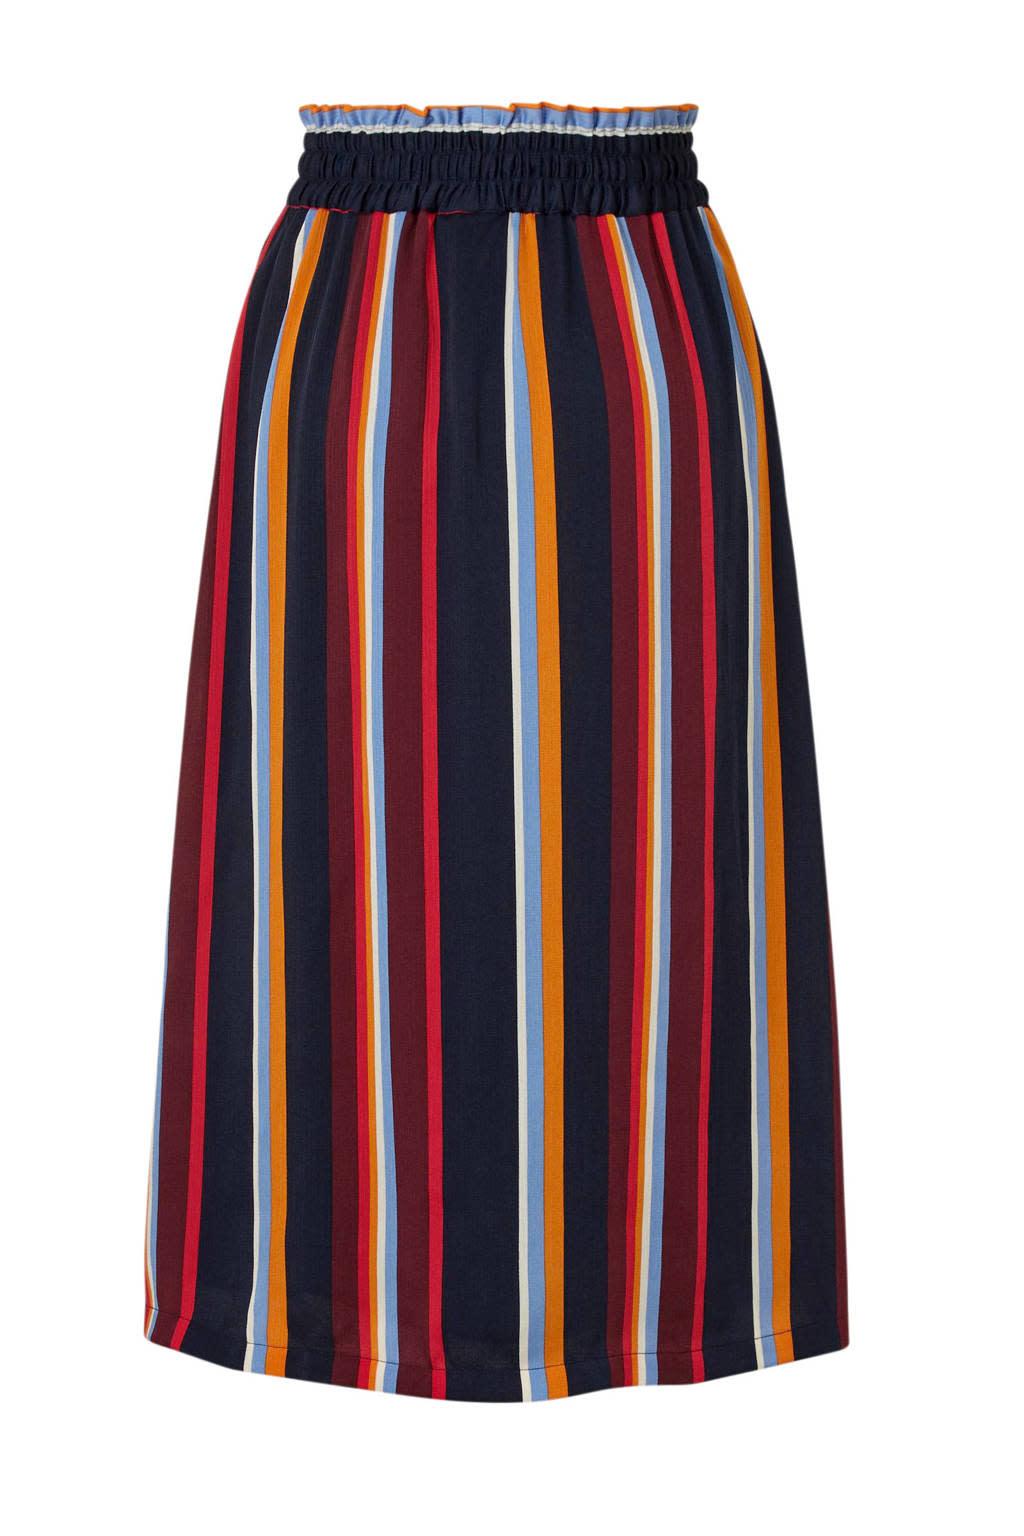 Rok Knapp skirt multi stripe satin-3